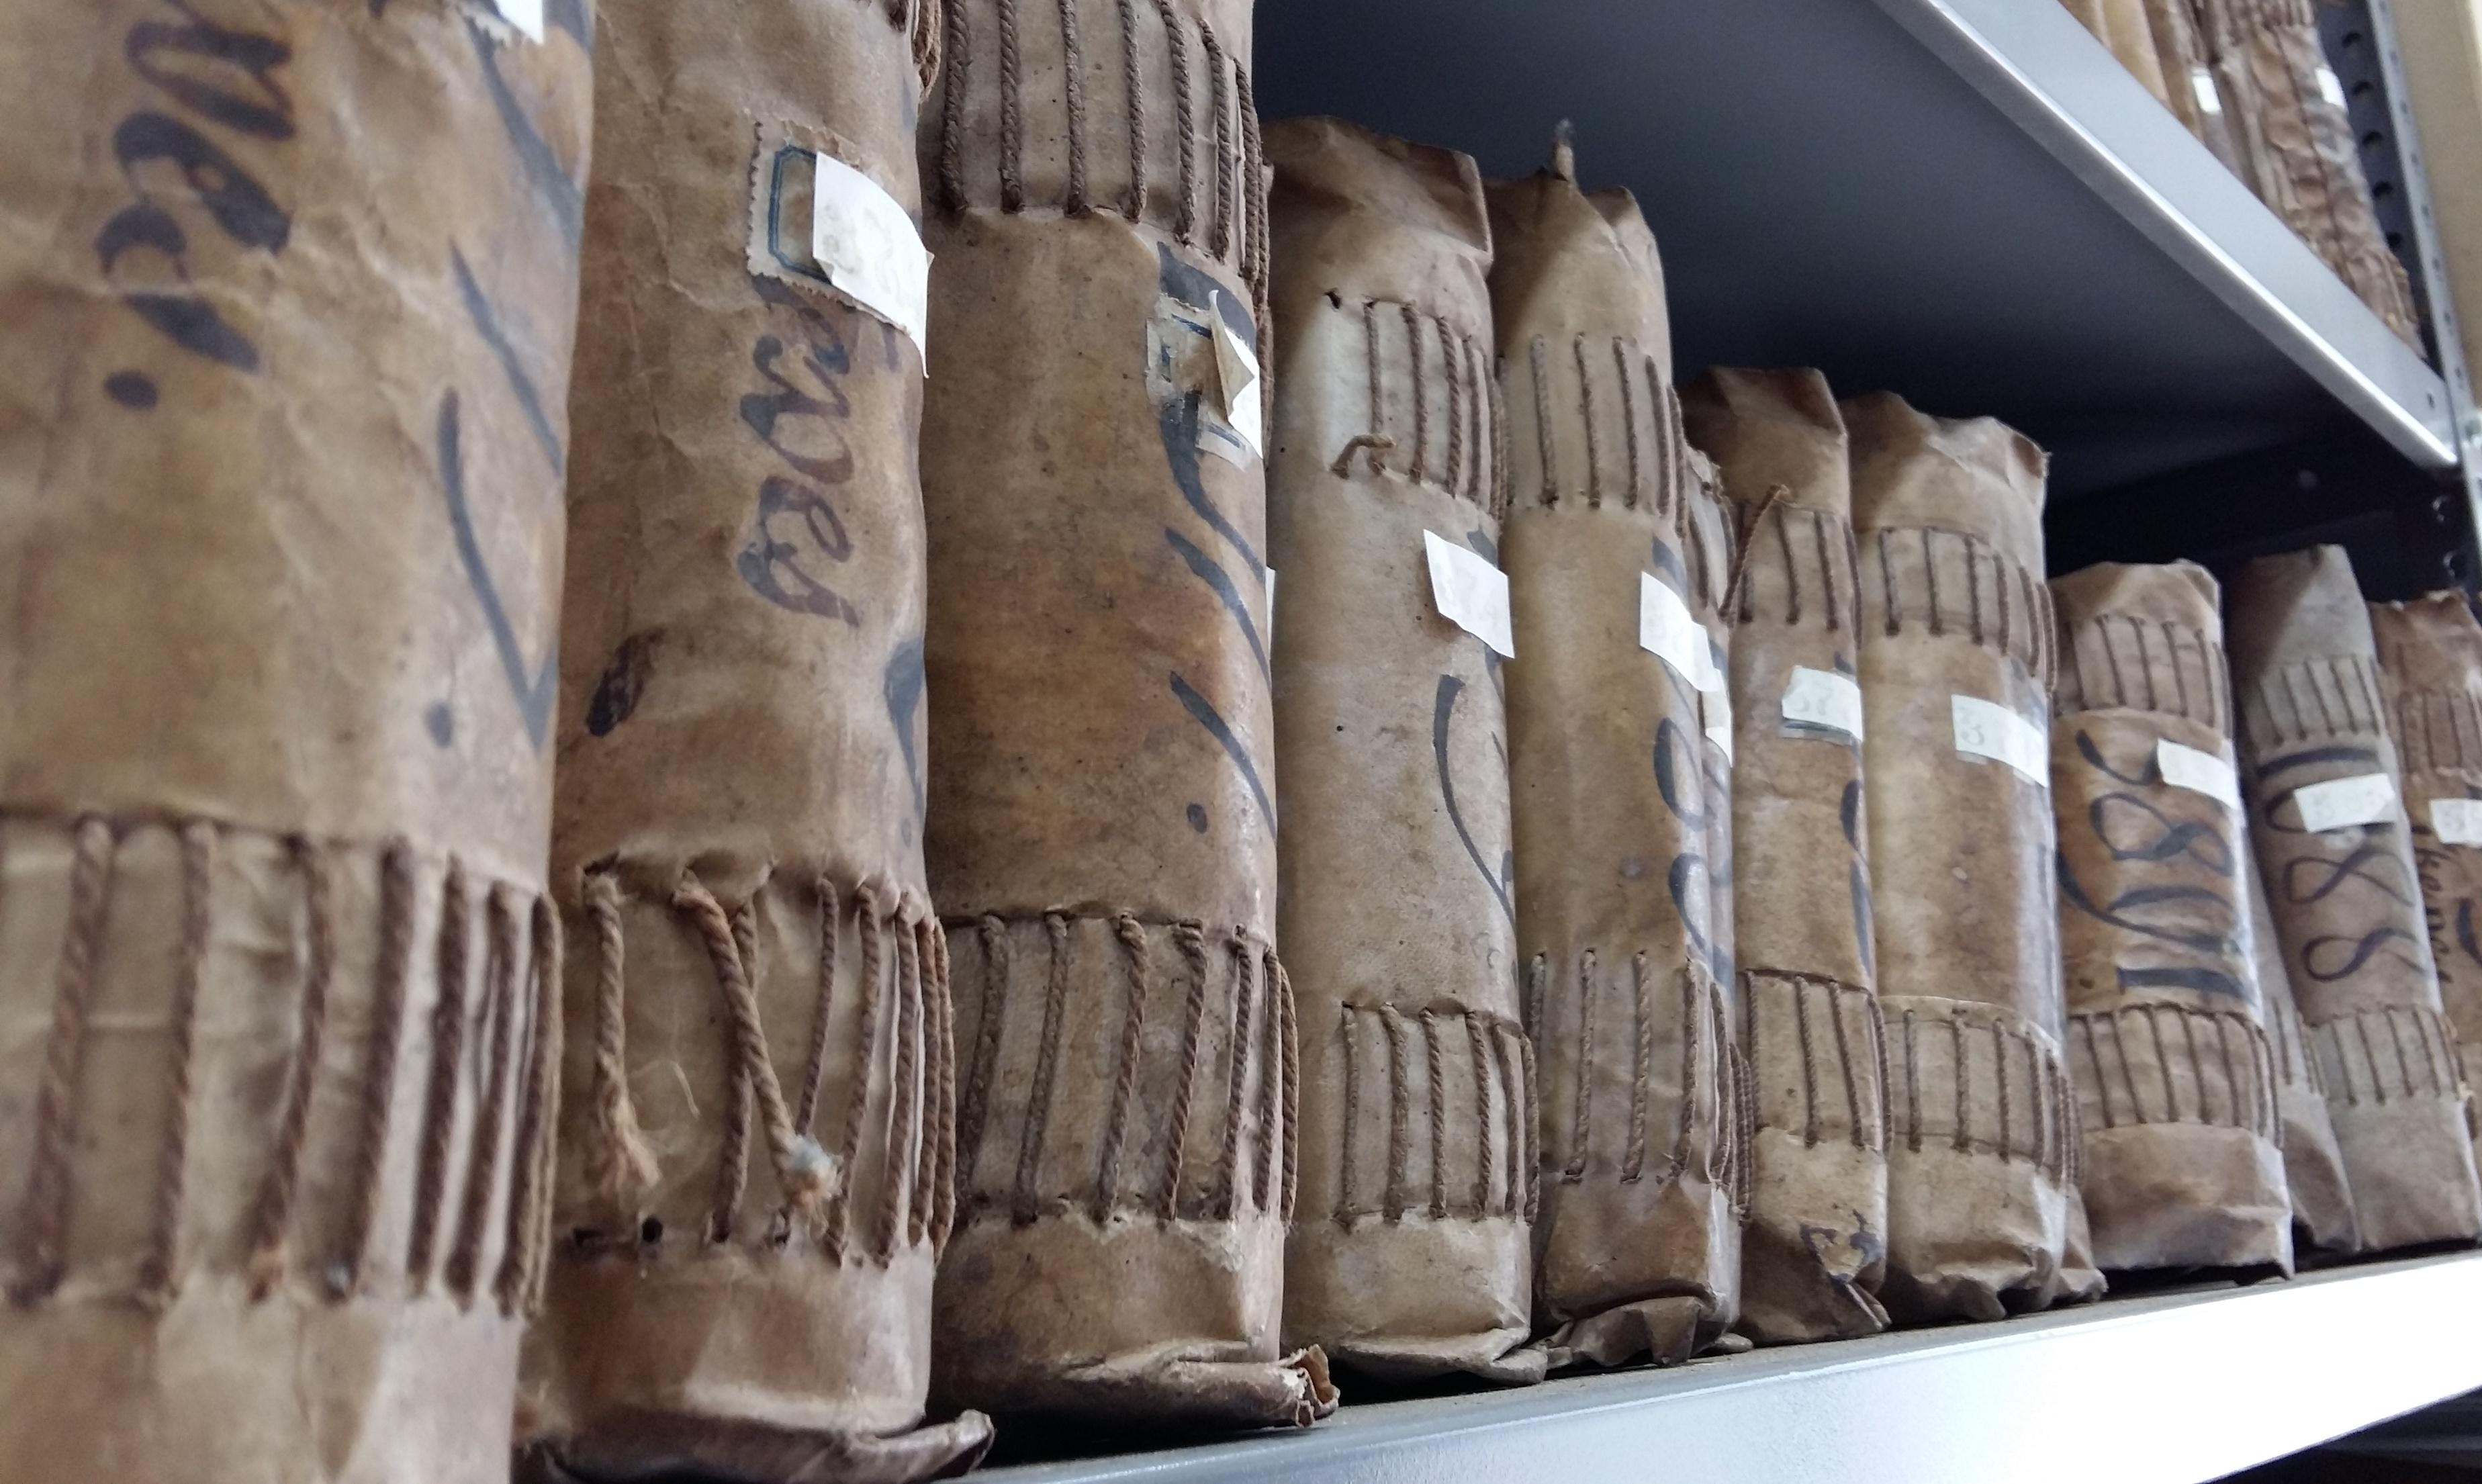 Llibres de l'Arxiu Històric Fidel Fita a Arenys de Mar | Foto: Hug Palou